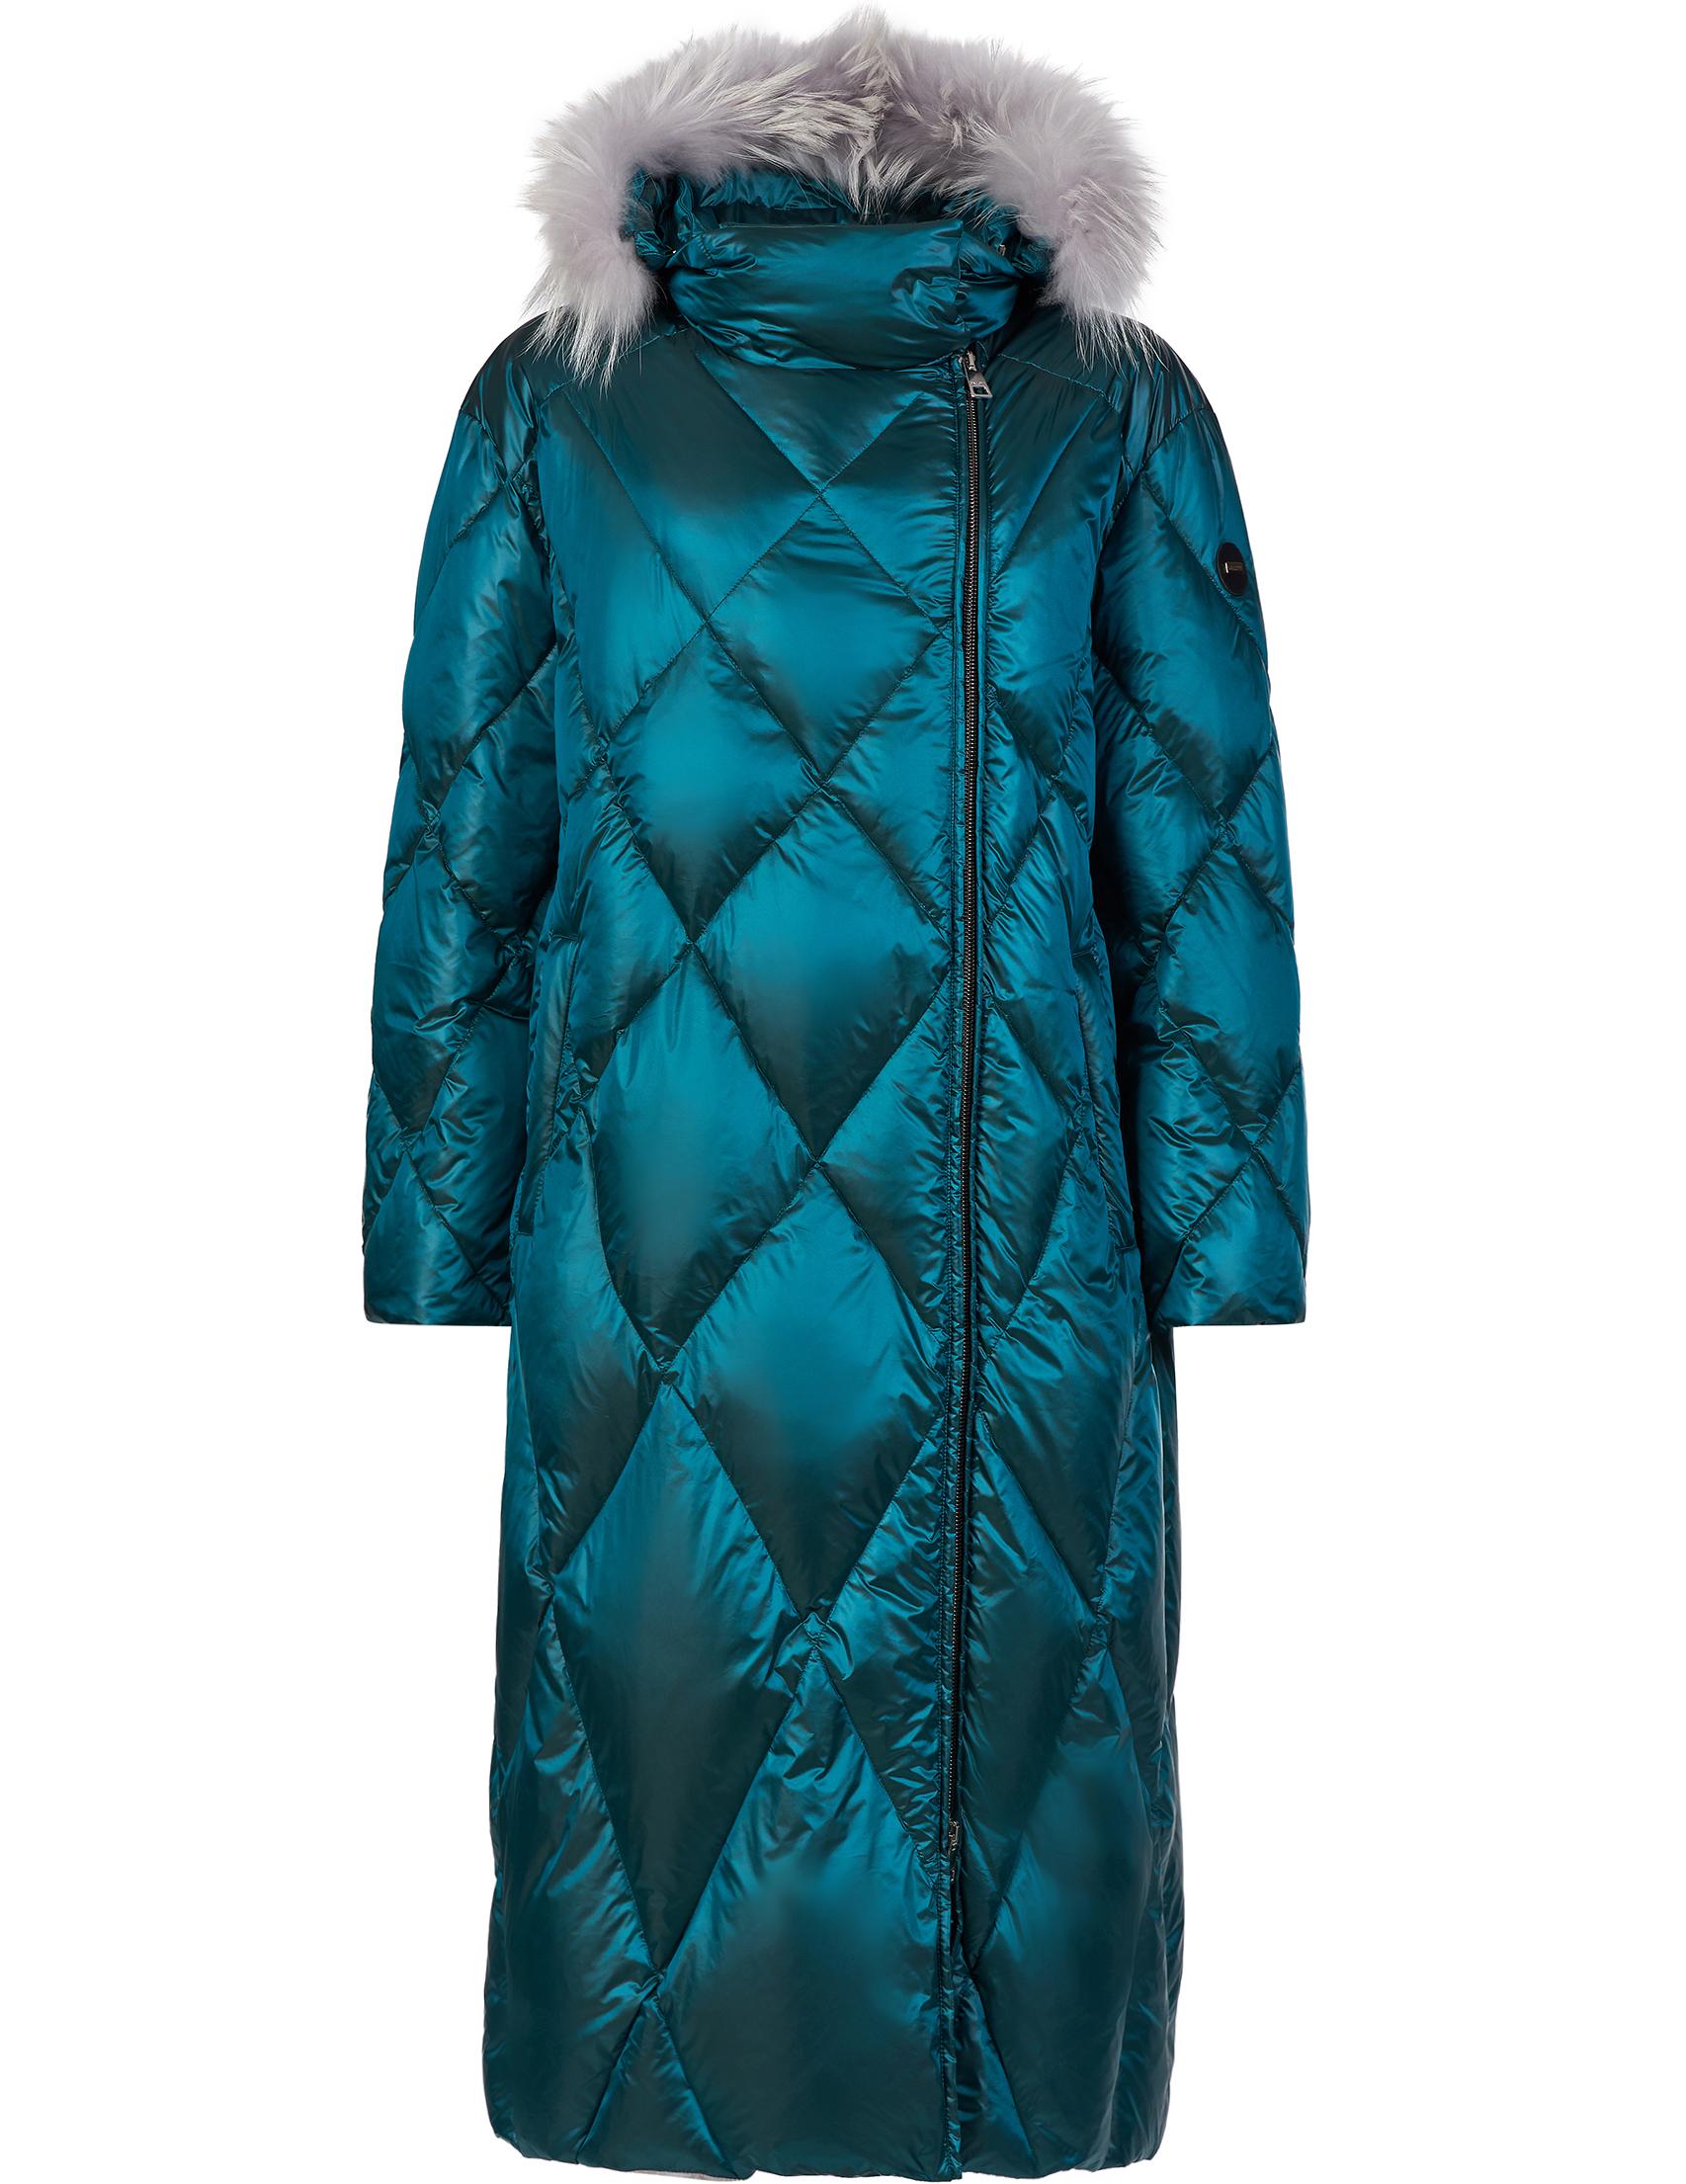 Купить Куртки, Куртка, GALLOTTI, Зеленый, 100%Полиуритан;100%Полиэстер, Осень-Зима